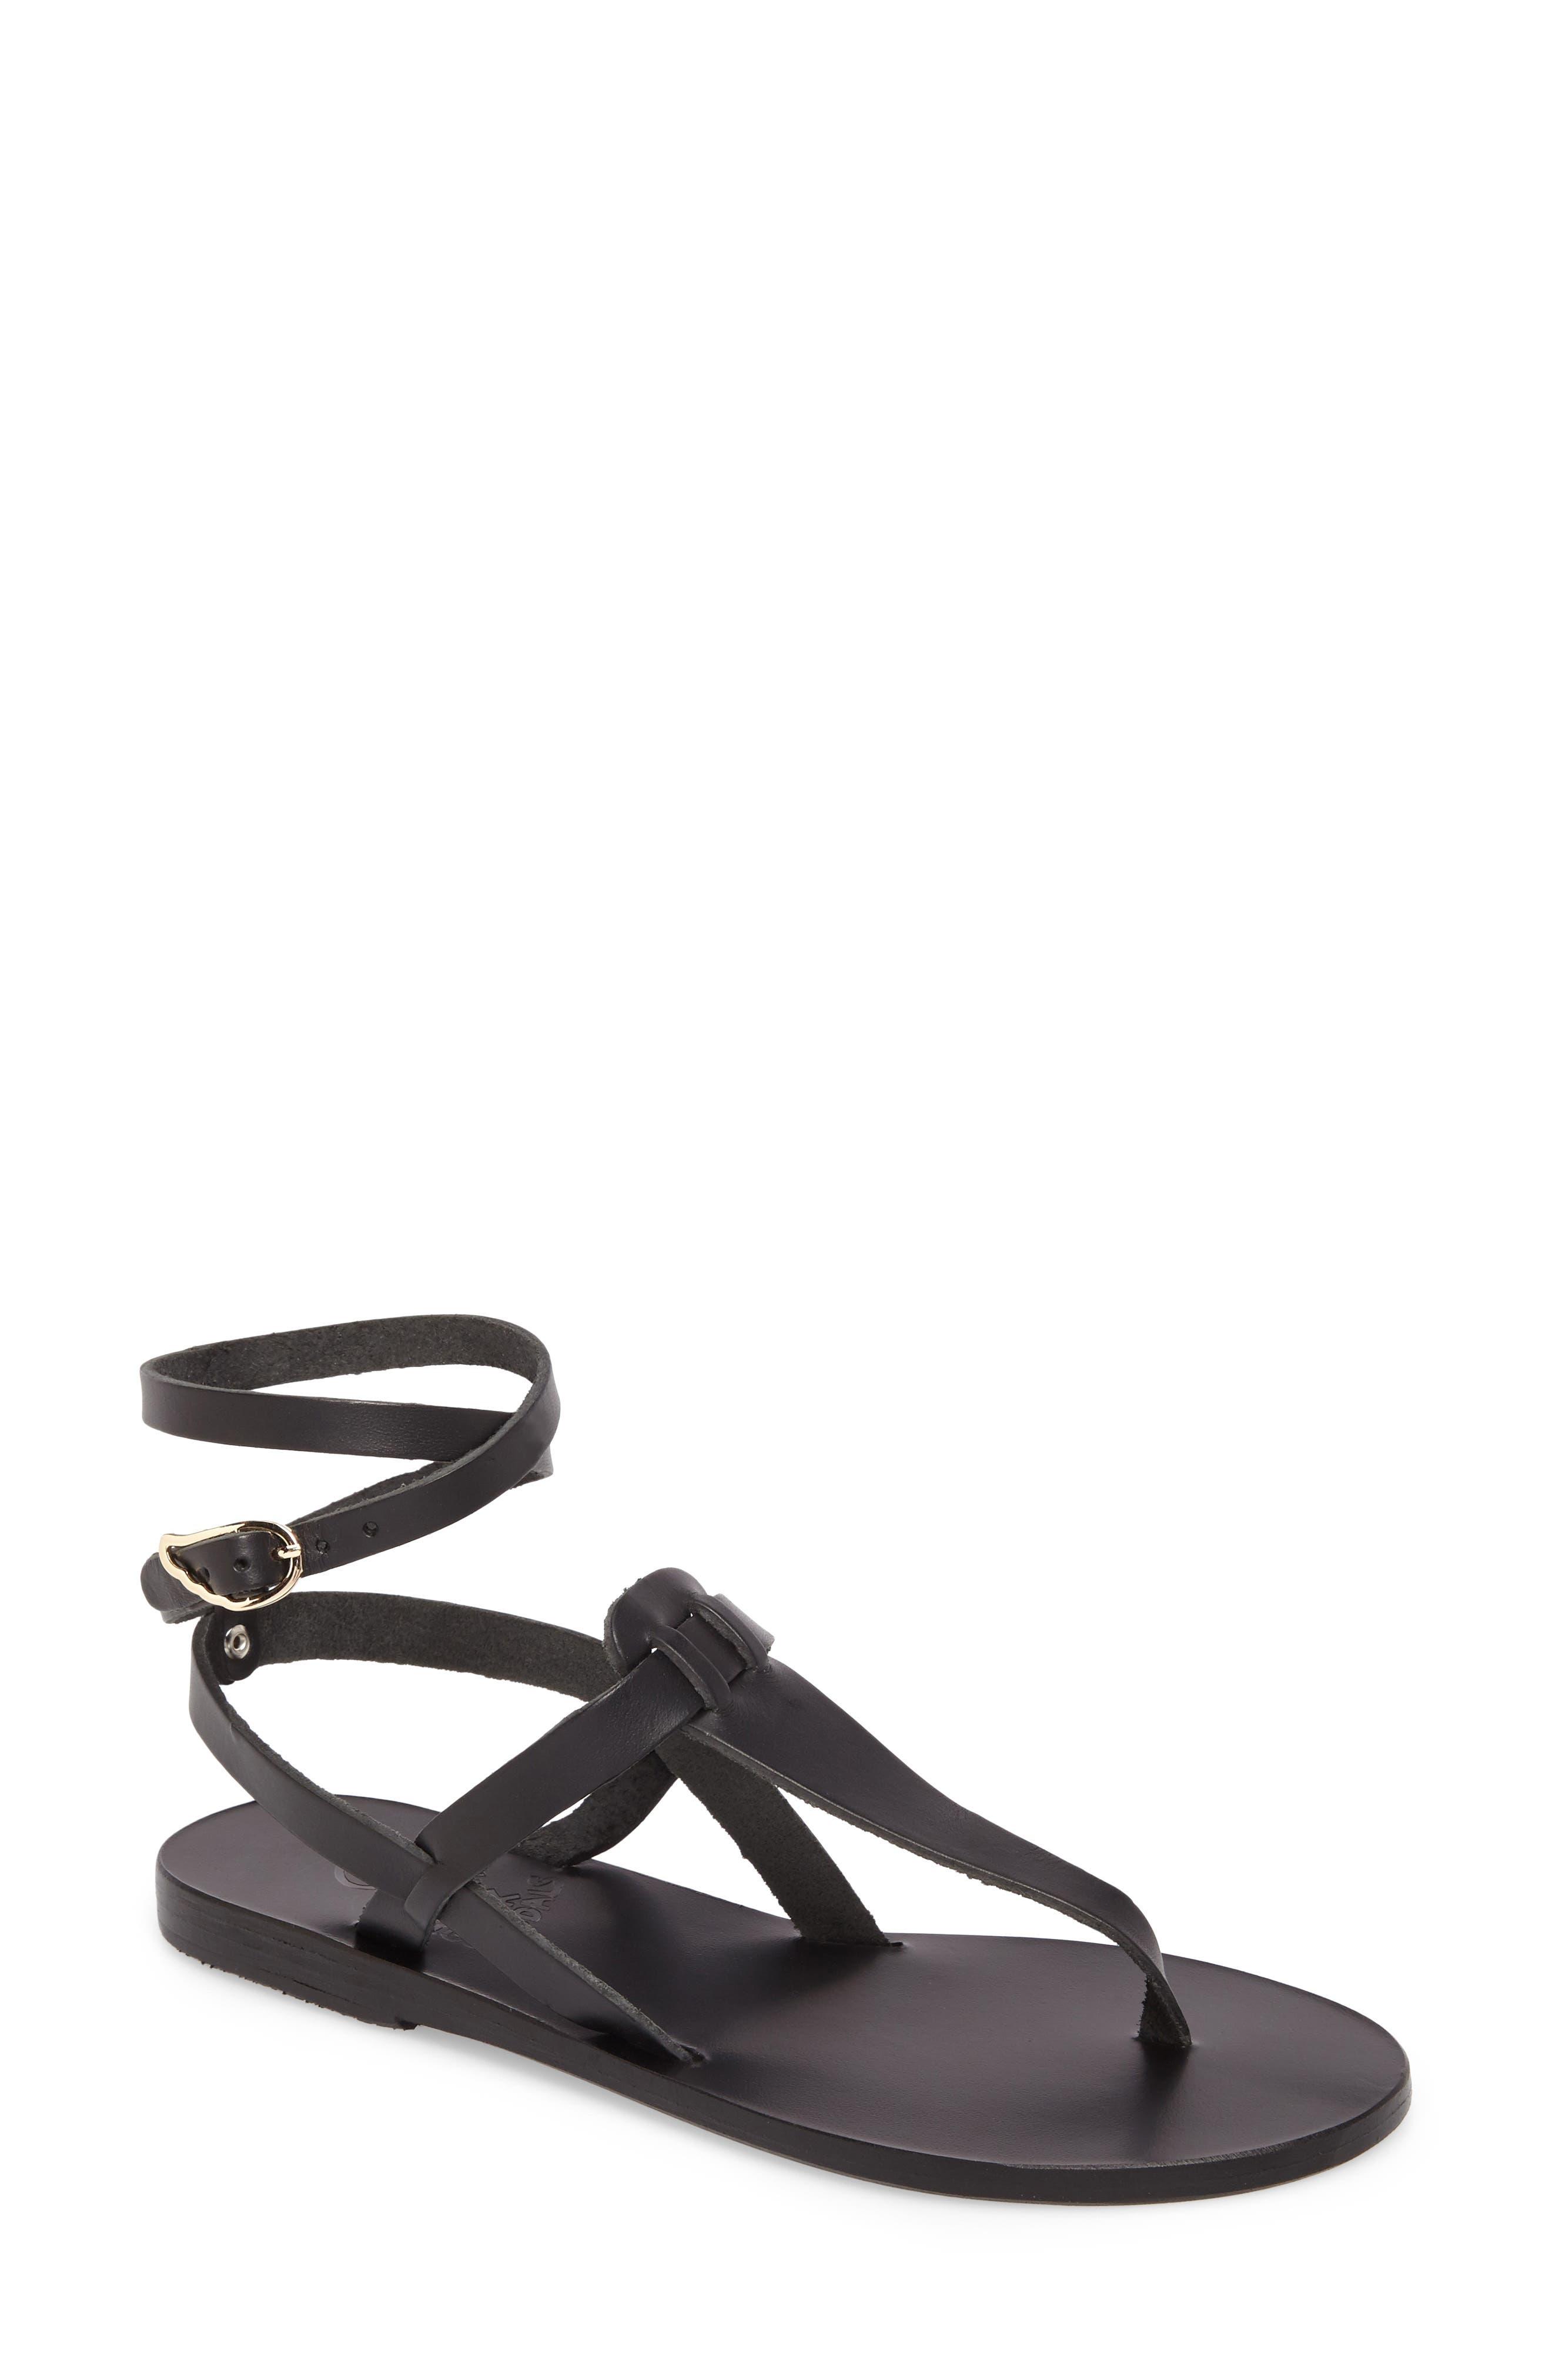 Main Image - Ancient Greek Sandals Estia Ankle Wrap Sandal (Women)